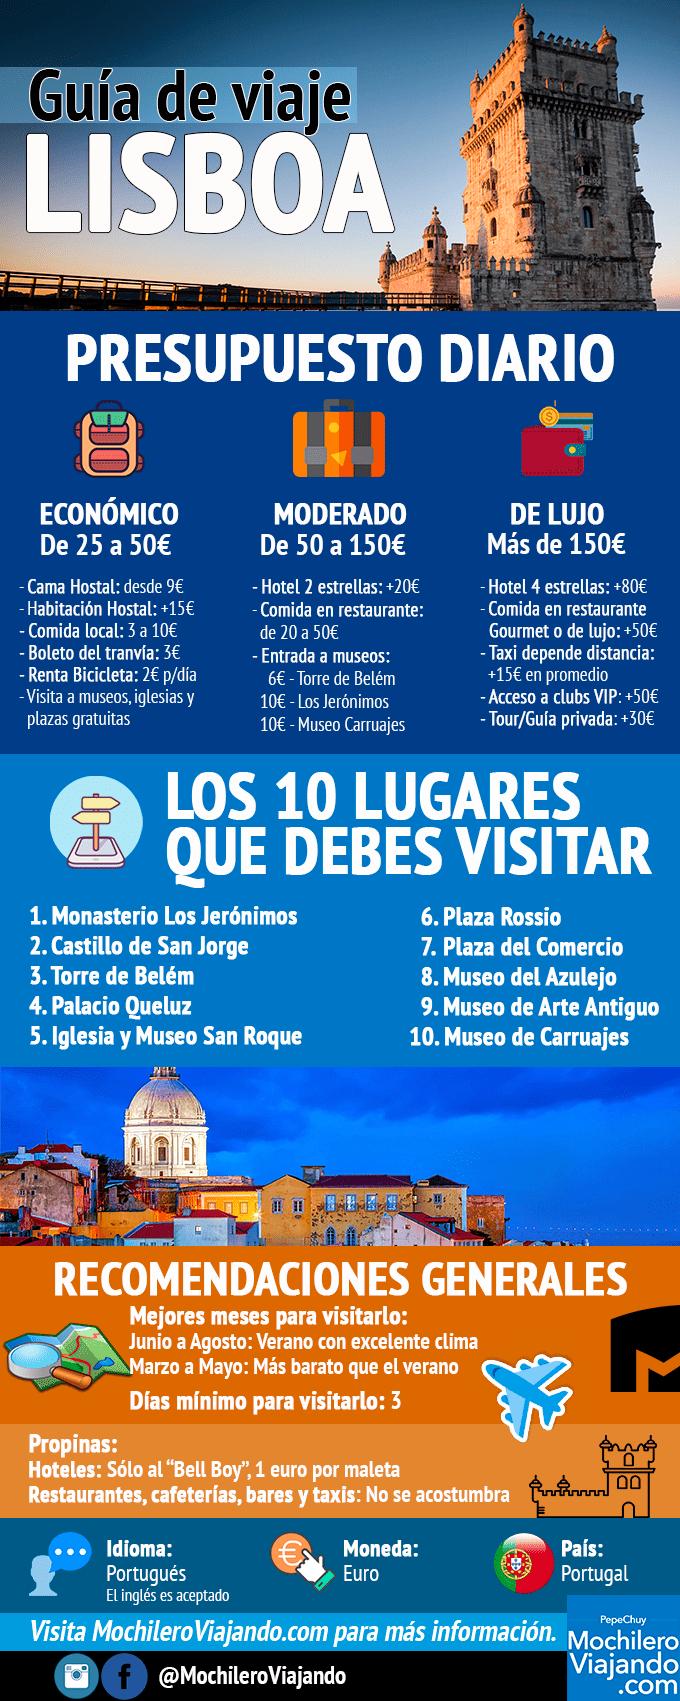 Lisboa: Guía de viaje